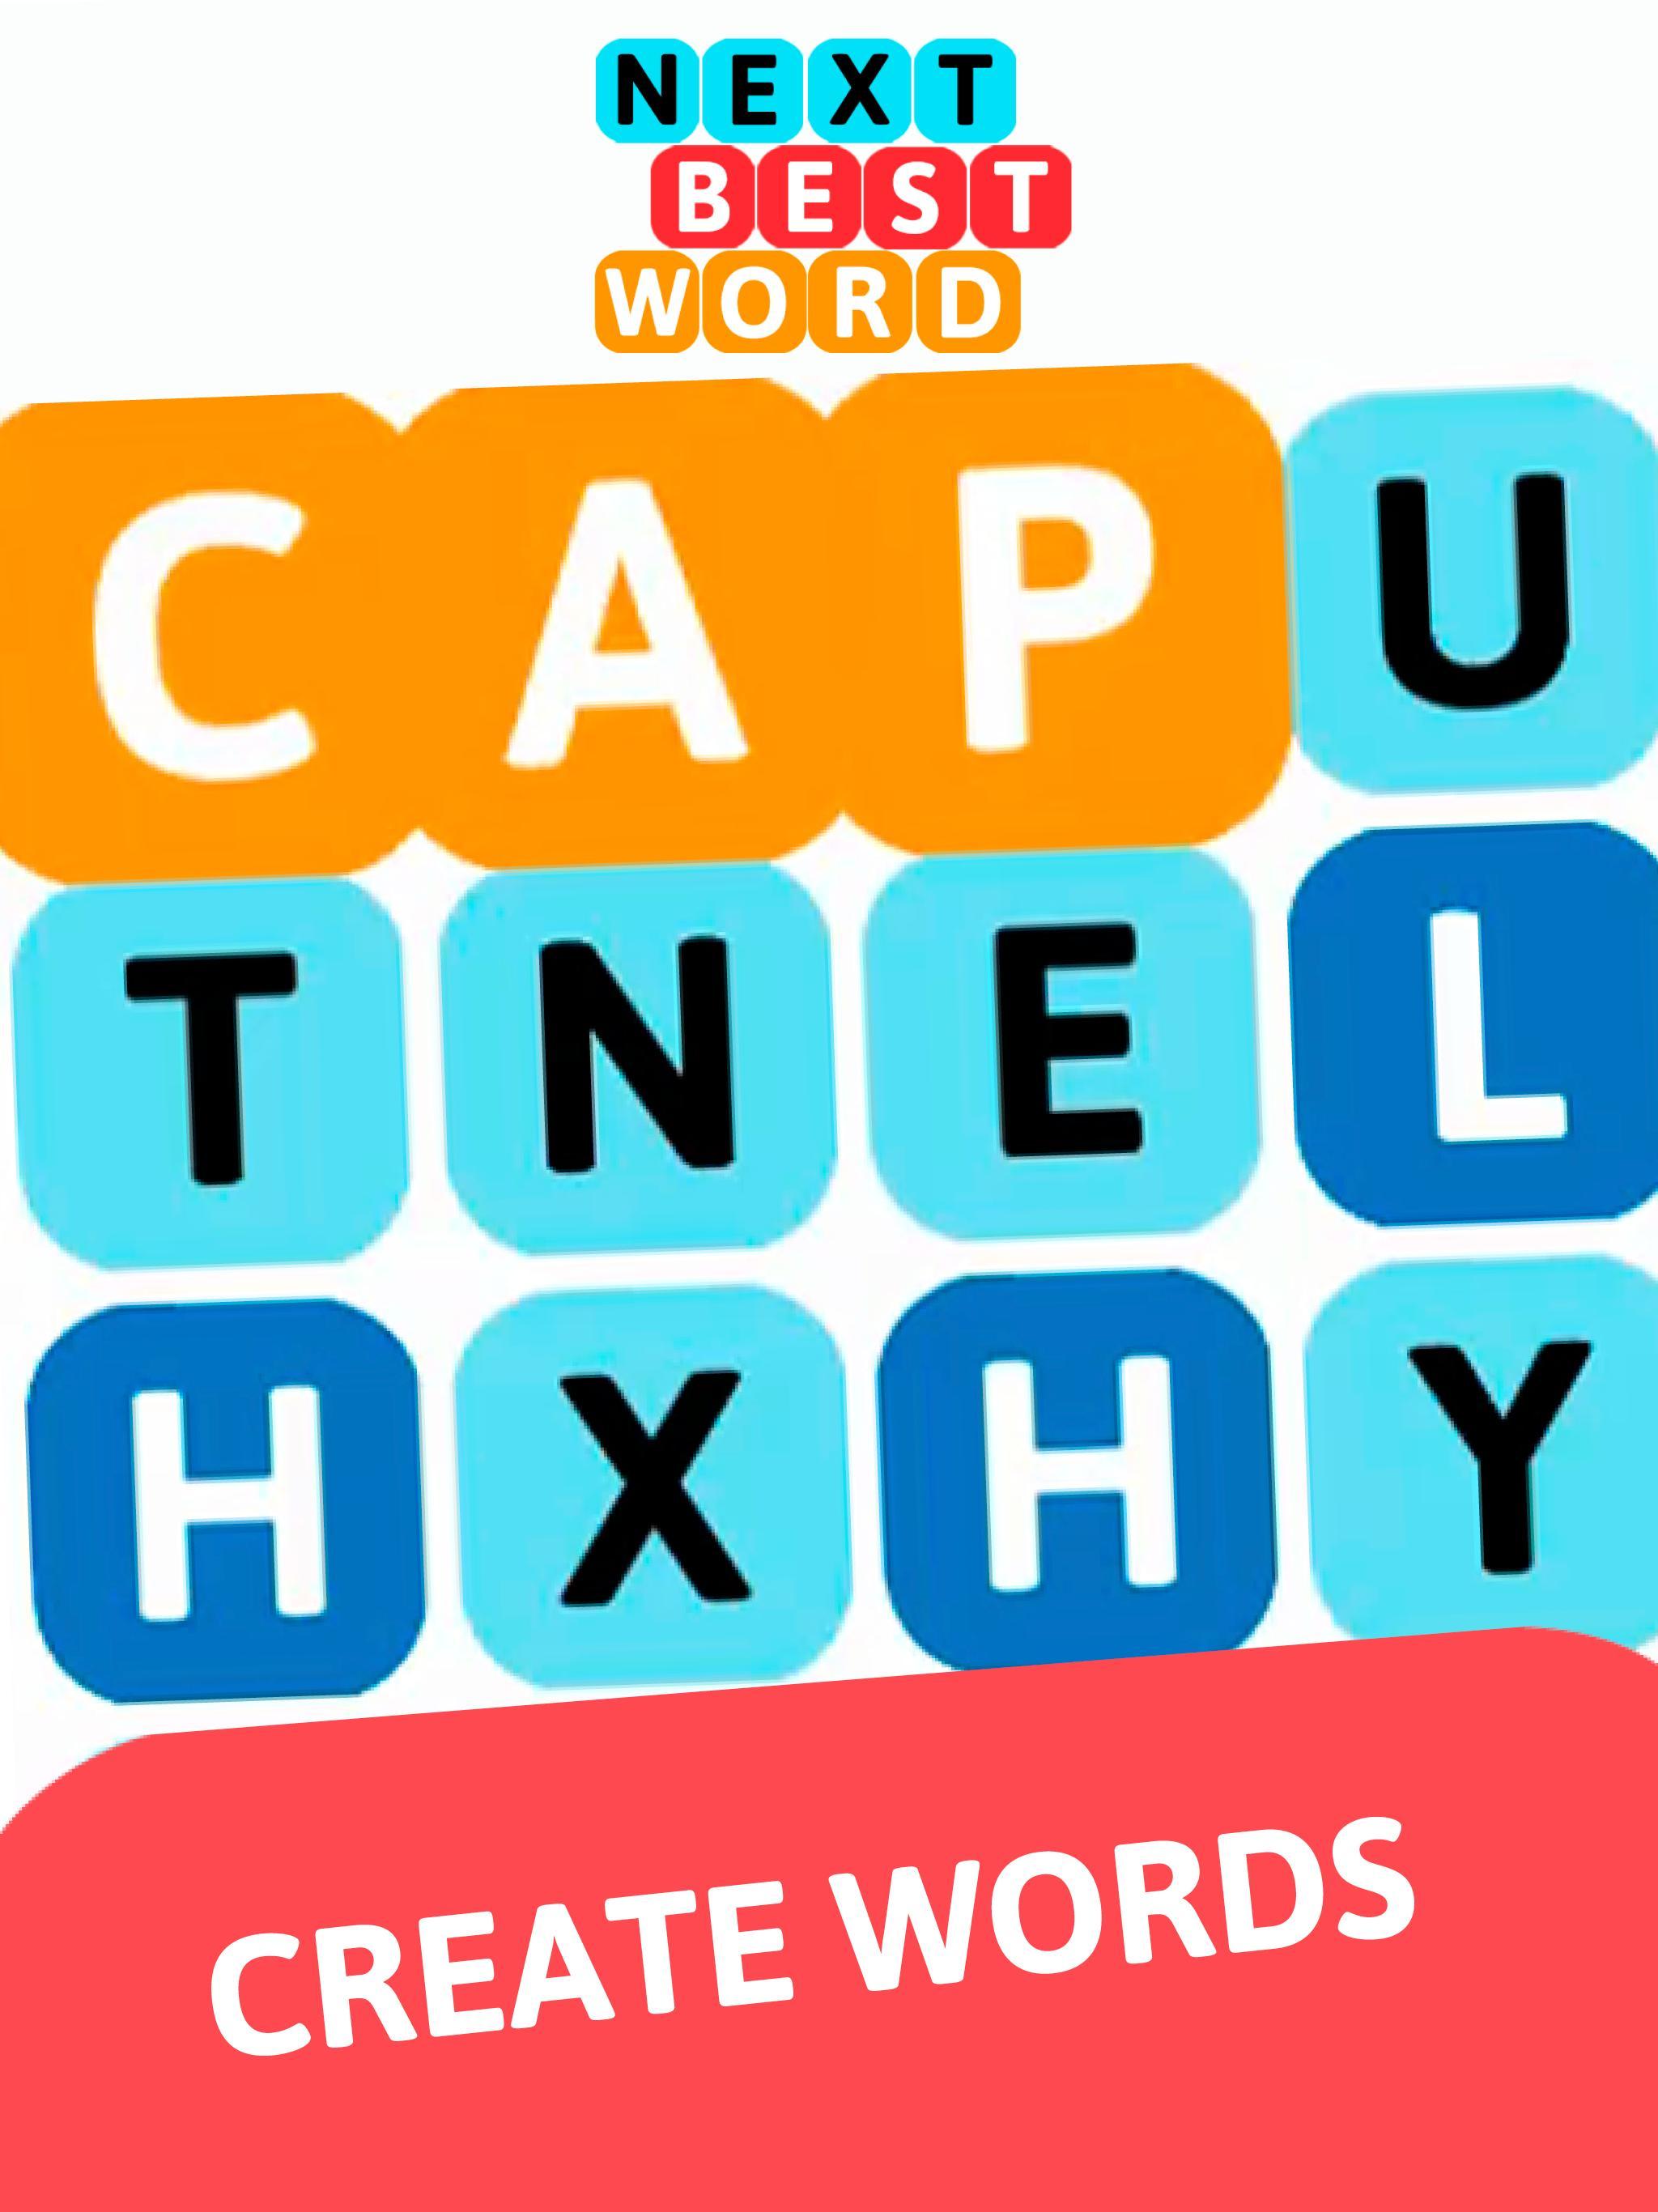 Next Best Word screenshot 8